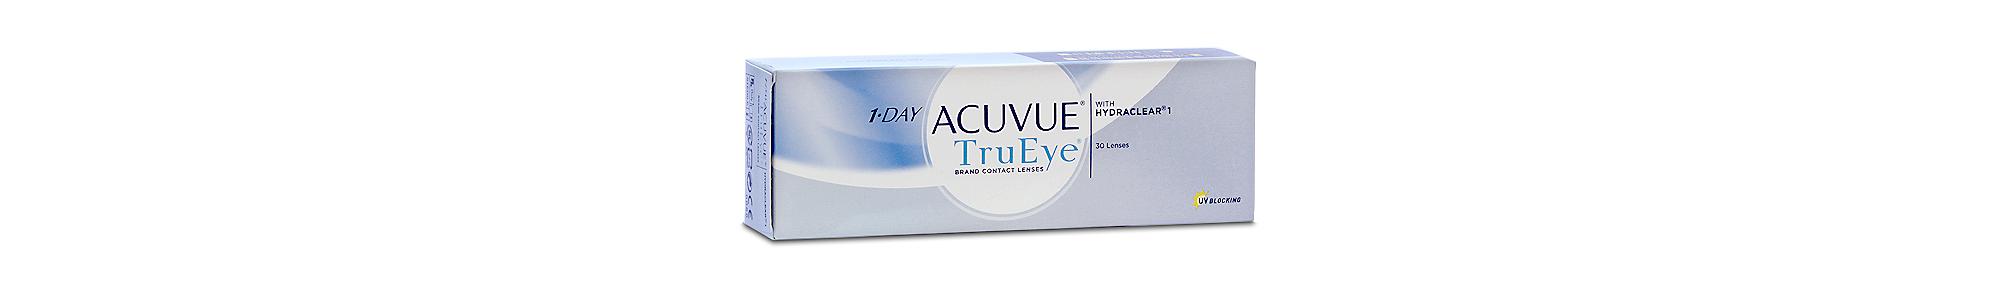 acuvue trueye 1 day 30 bf640af7b9